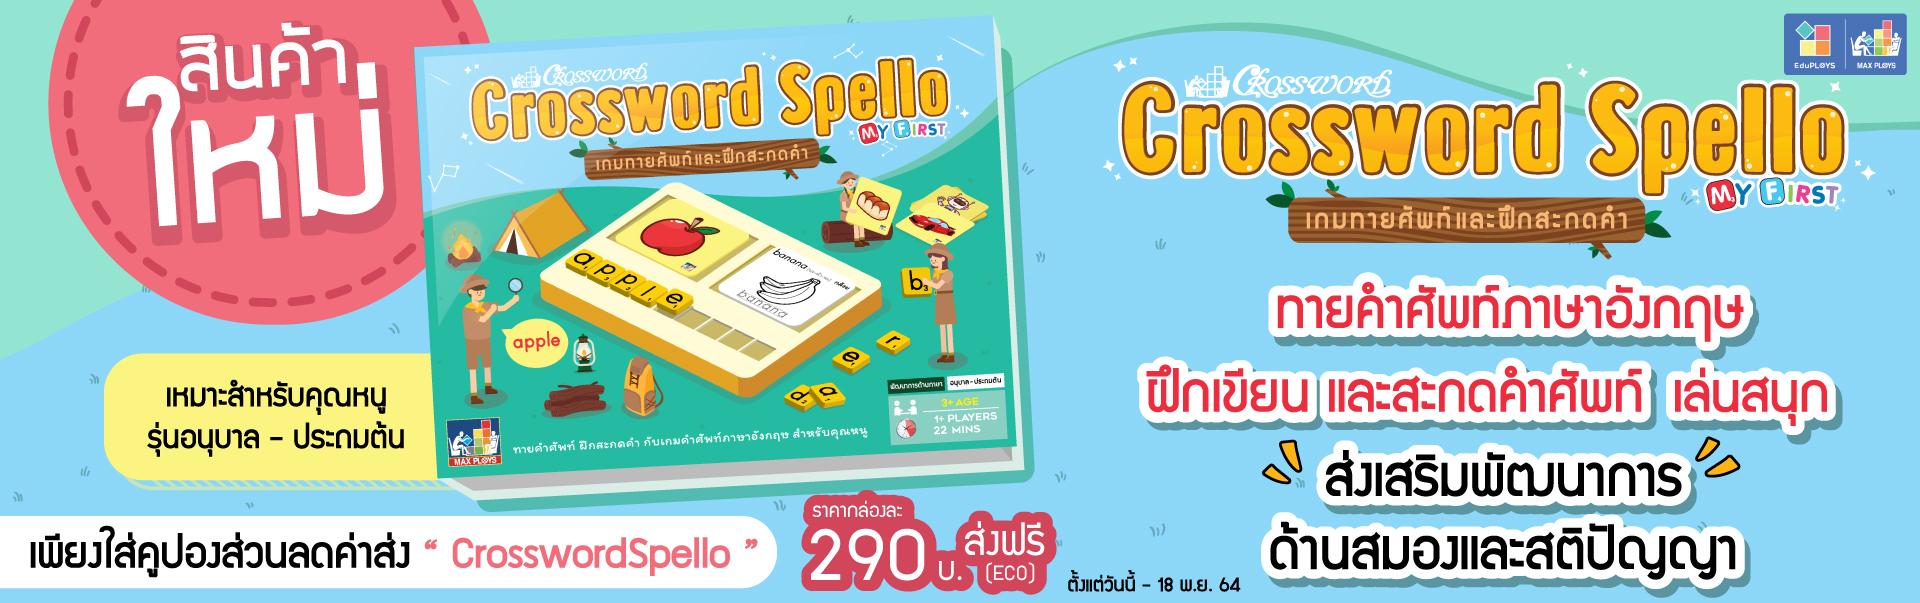 ครอสเวิร์ด สเปลโล Crossword Spello เกมทายศัพท์และฝึกสะกดคำ